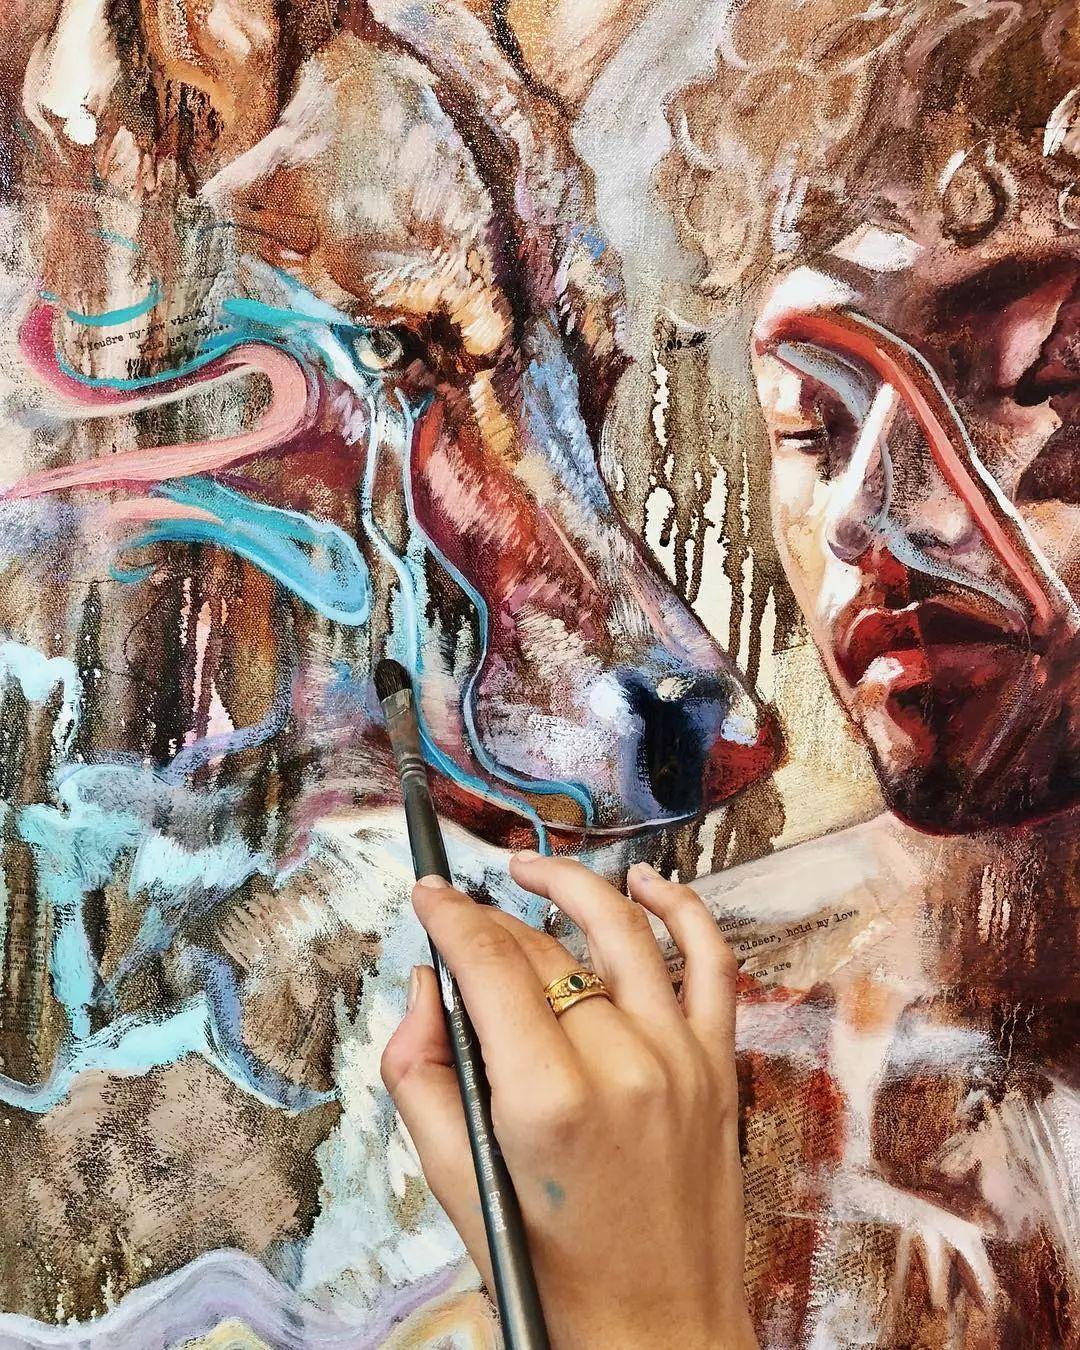 12岁开始画画 16岁就卖画赚100万——希腊小画家Dimitra Milan插图39